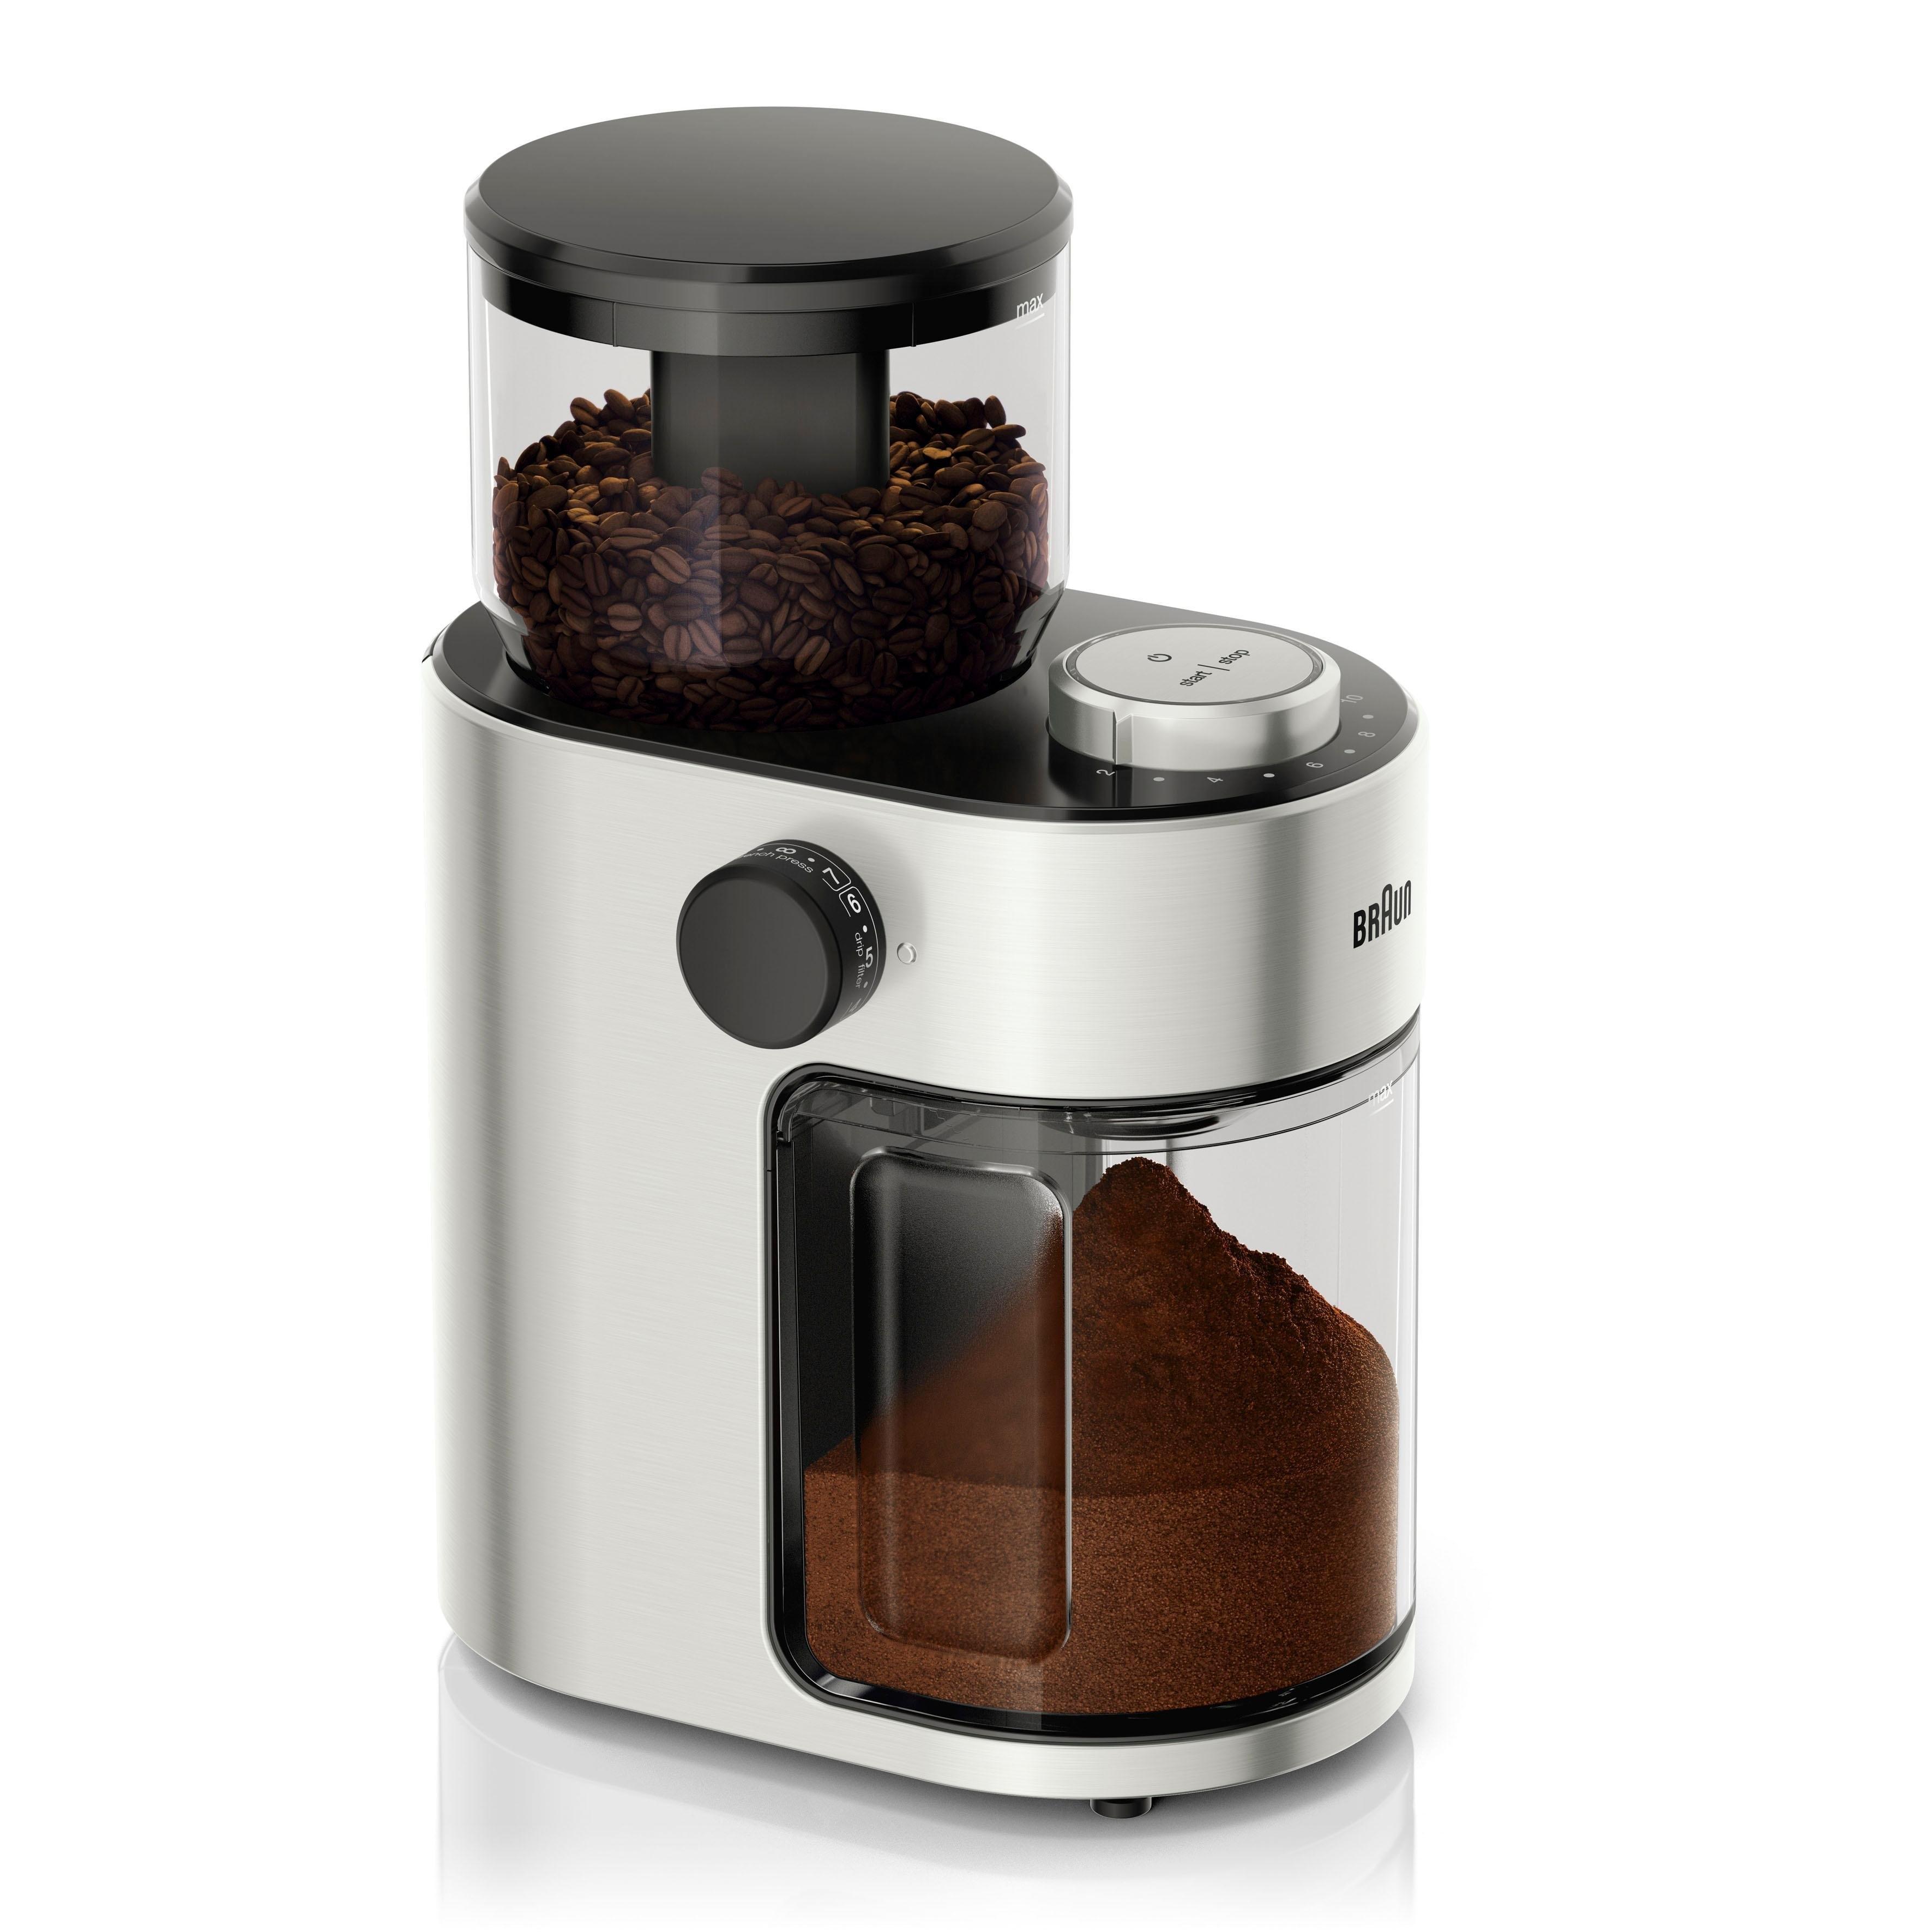 Braun koffiemolen FreshSet KG7070 met oververhittingsbeveiliging - gratis ruilen op otto.nl